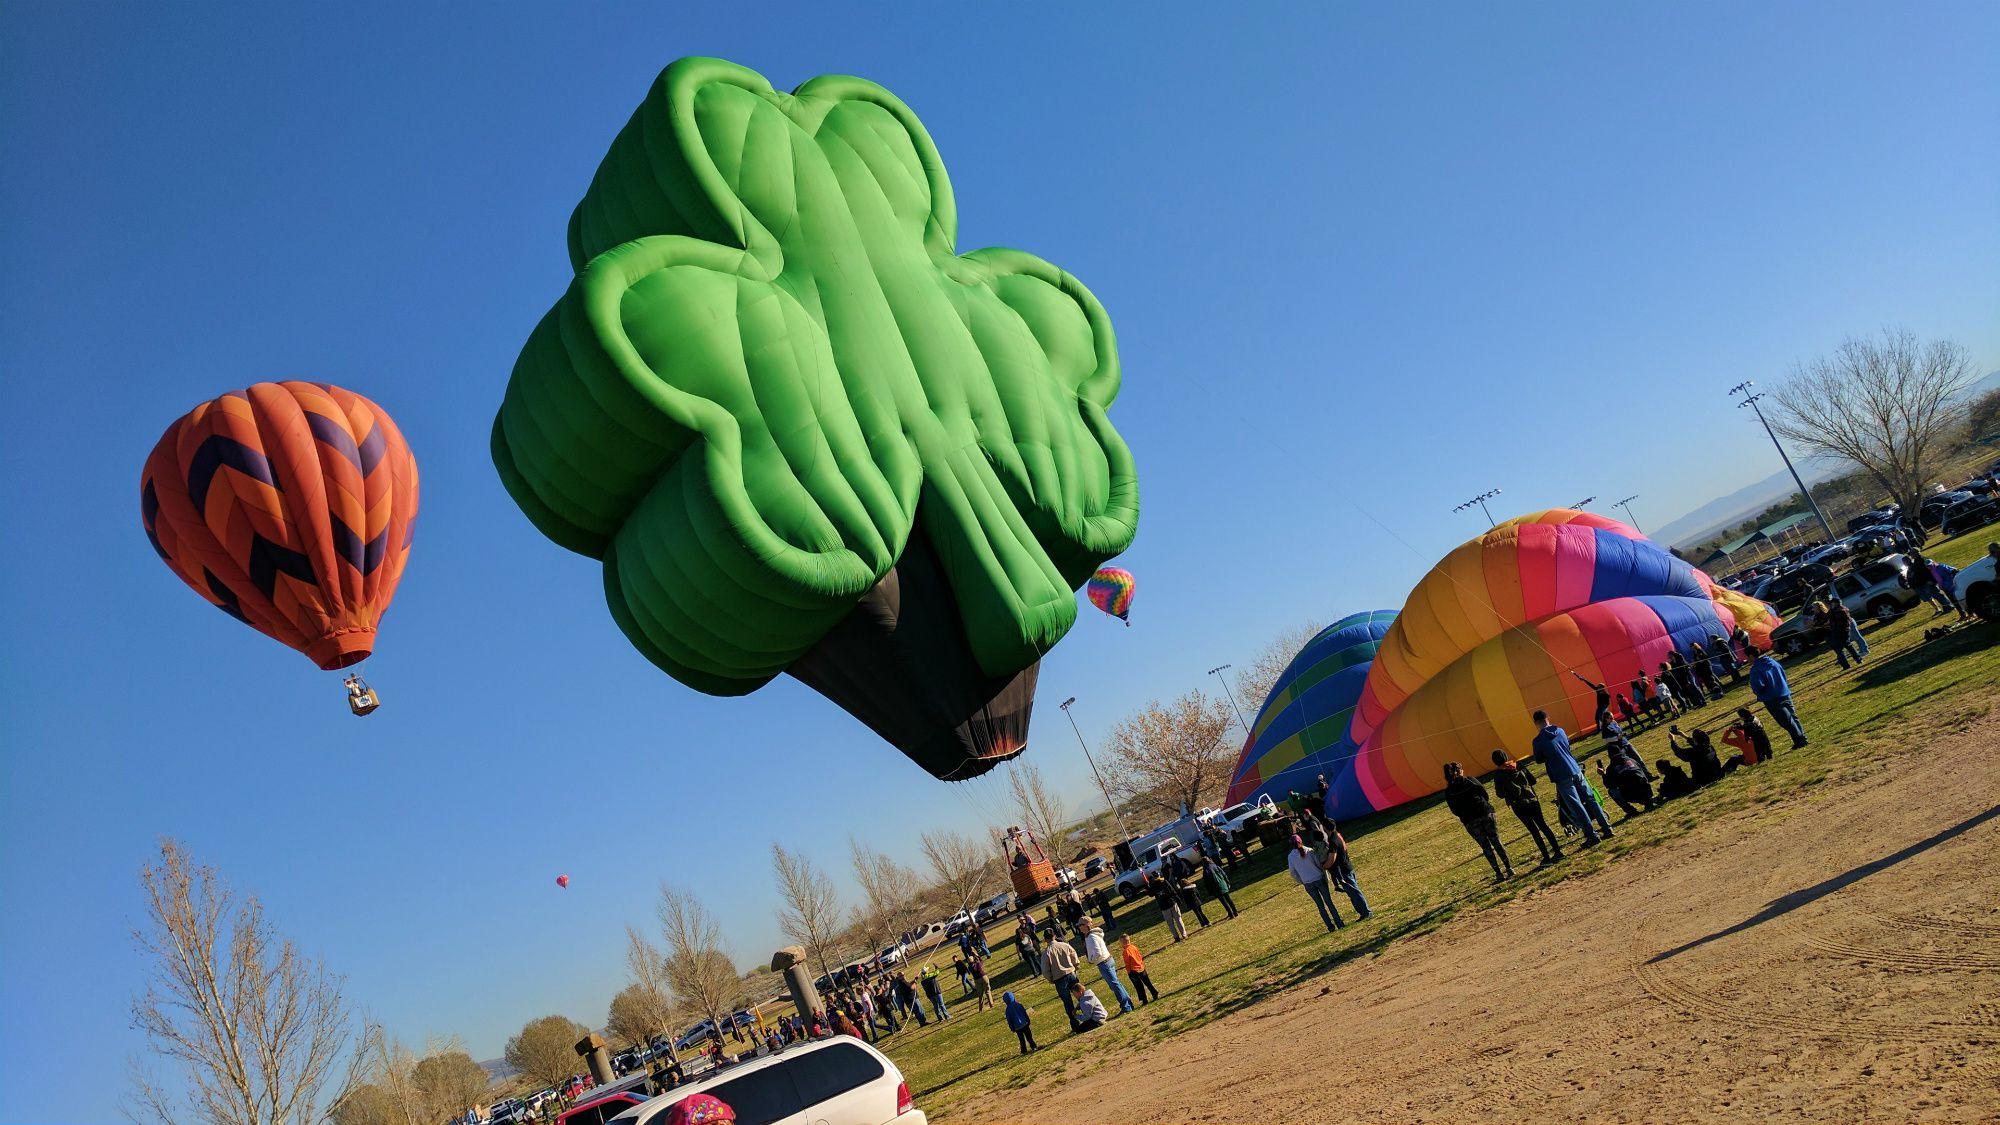 All Star Auto Insurance >> St. Patrick's Day in Albuquerque